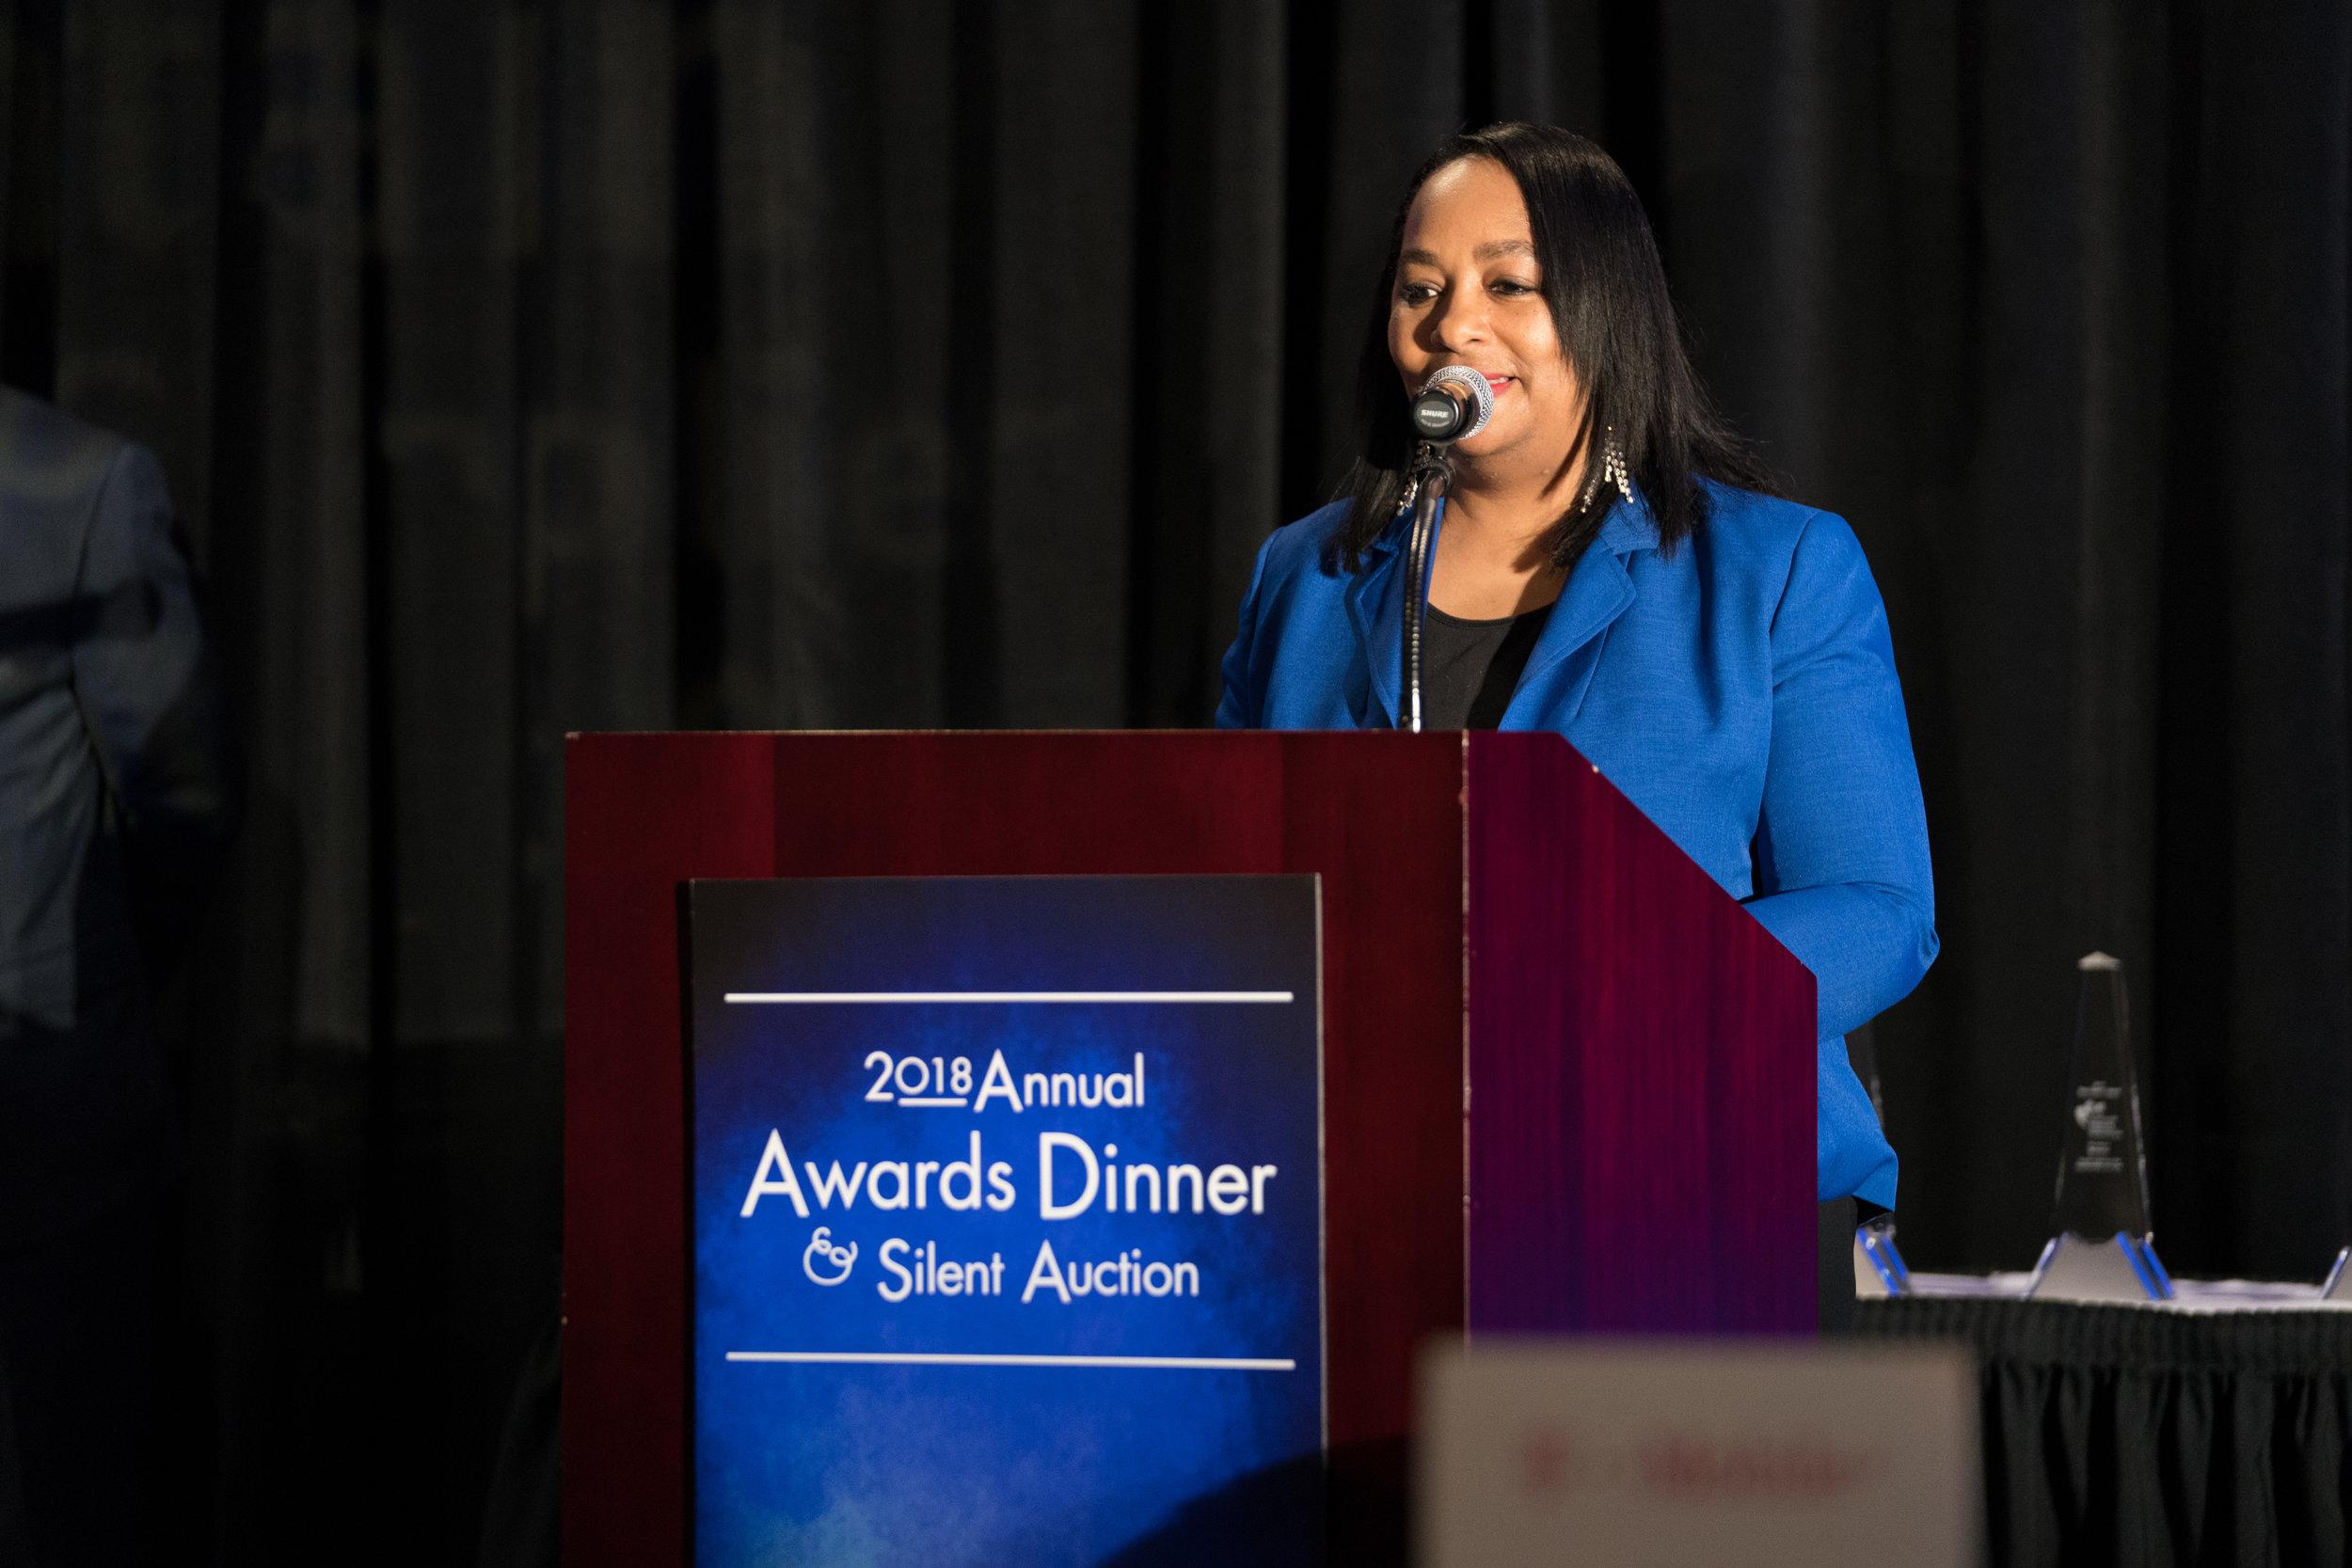 004 - 2018 Advocacy Awards Photos